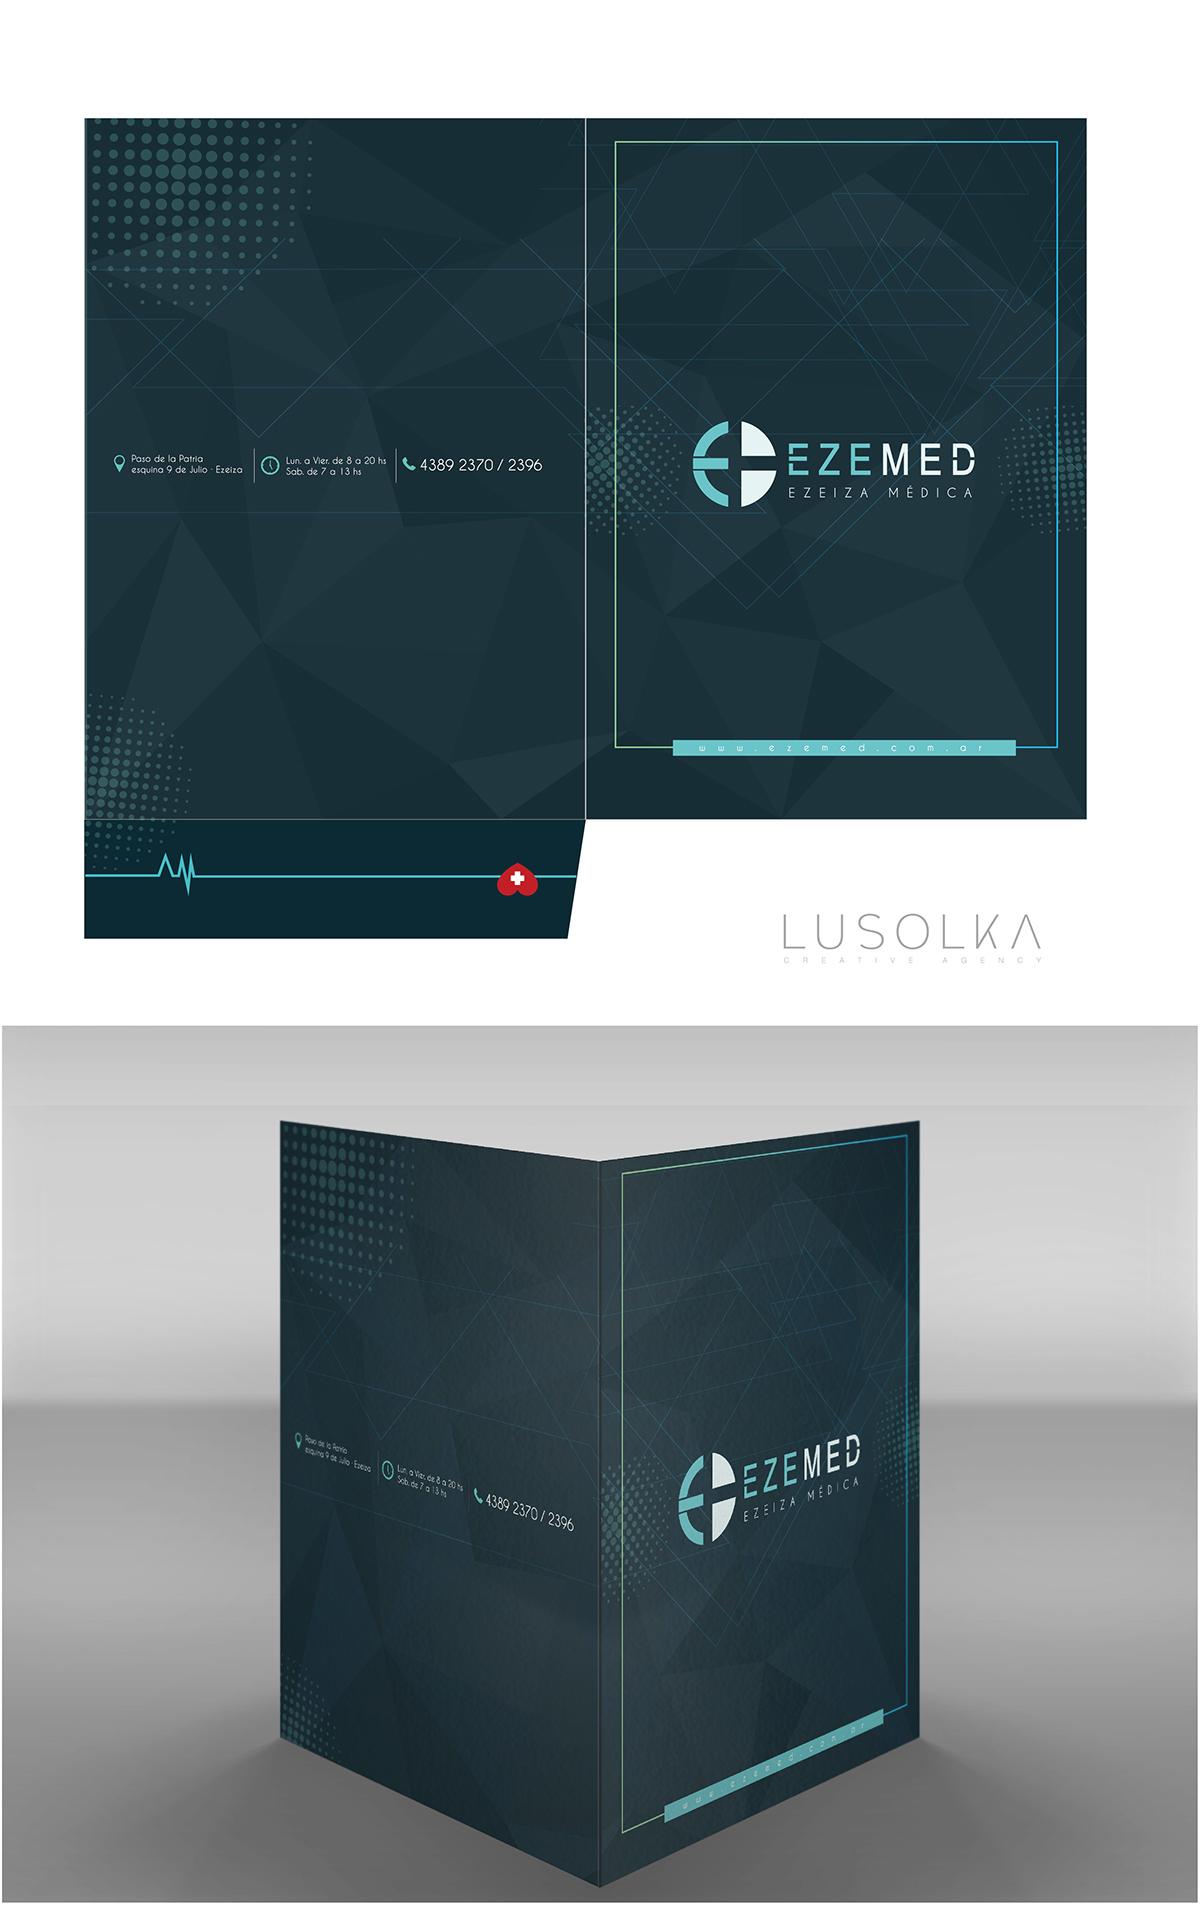 diseño gráfico Diseño web diseño de marca isologotipo Carpeta flyer medicina Ezemed vinilos vidriera arquigrafía